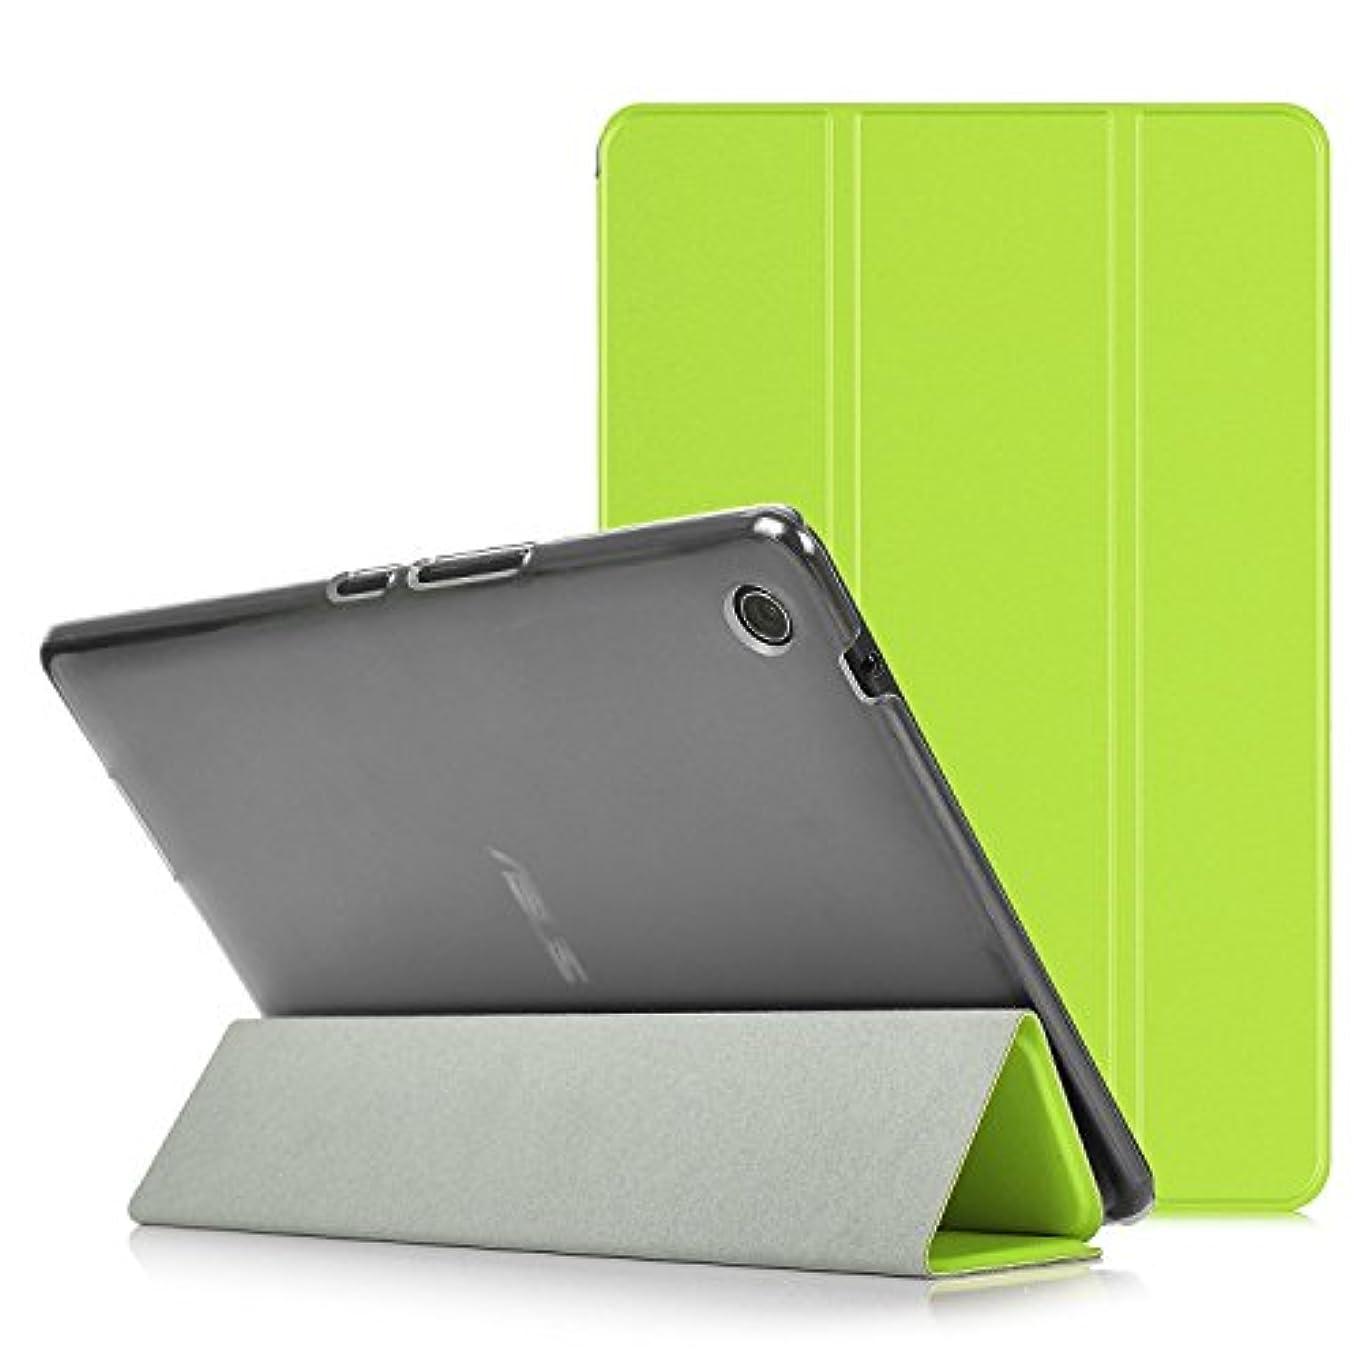 似ている寝てる遺跡IVSO ASUS ZenPad 3 8.0 Z581KL ケース エイスース 7.9型タブレットパソコン ZenPad 3 8.0 半透明 カバー スタンド機能付き 保護ケース 三つ折 マグレット開閉式 薄型 超軽量 全面保護型 ASUS ZenPad Z8 ZT581KL タブレット スマートケース グリーン